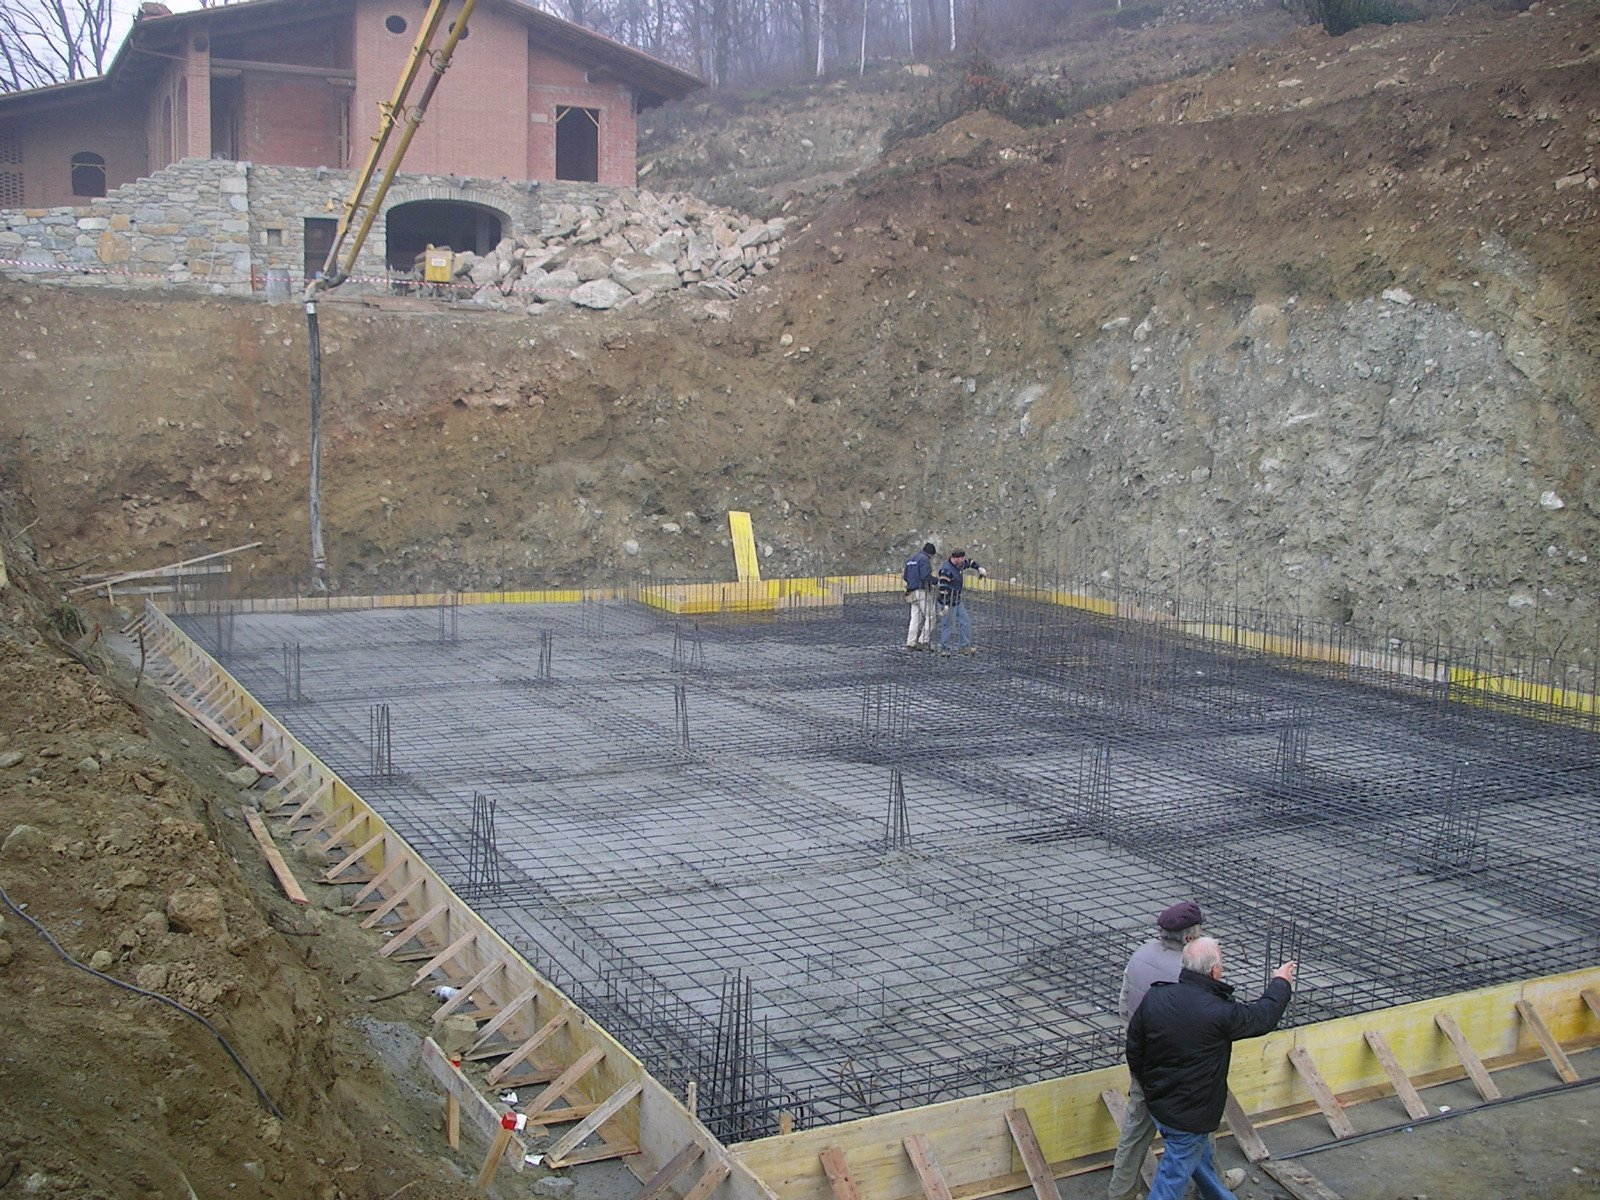 operai in un cantiere durante un lavoro edile